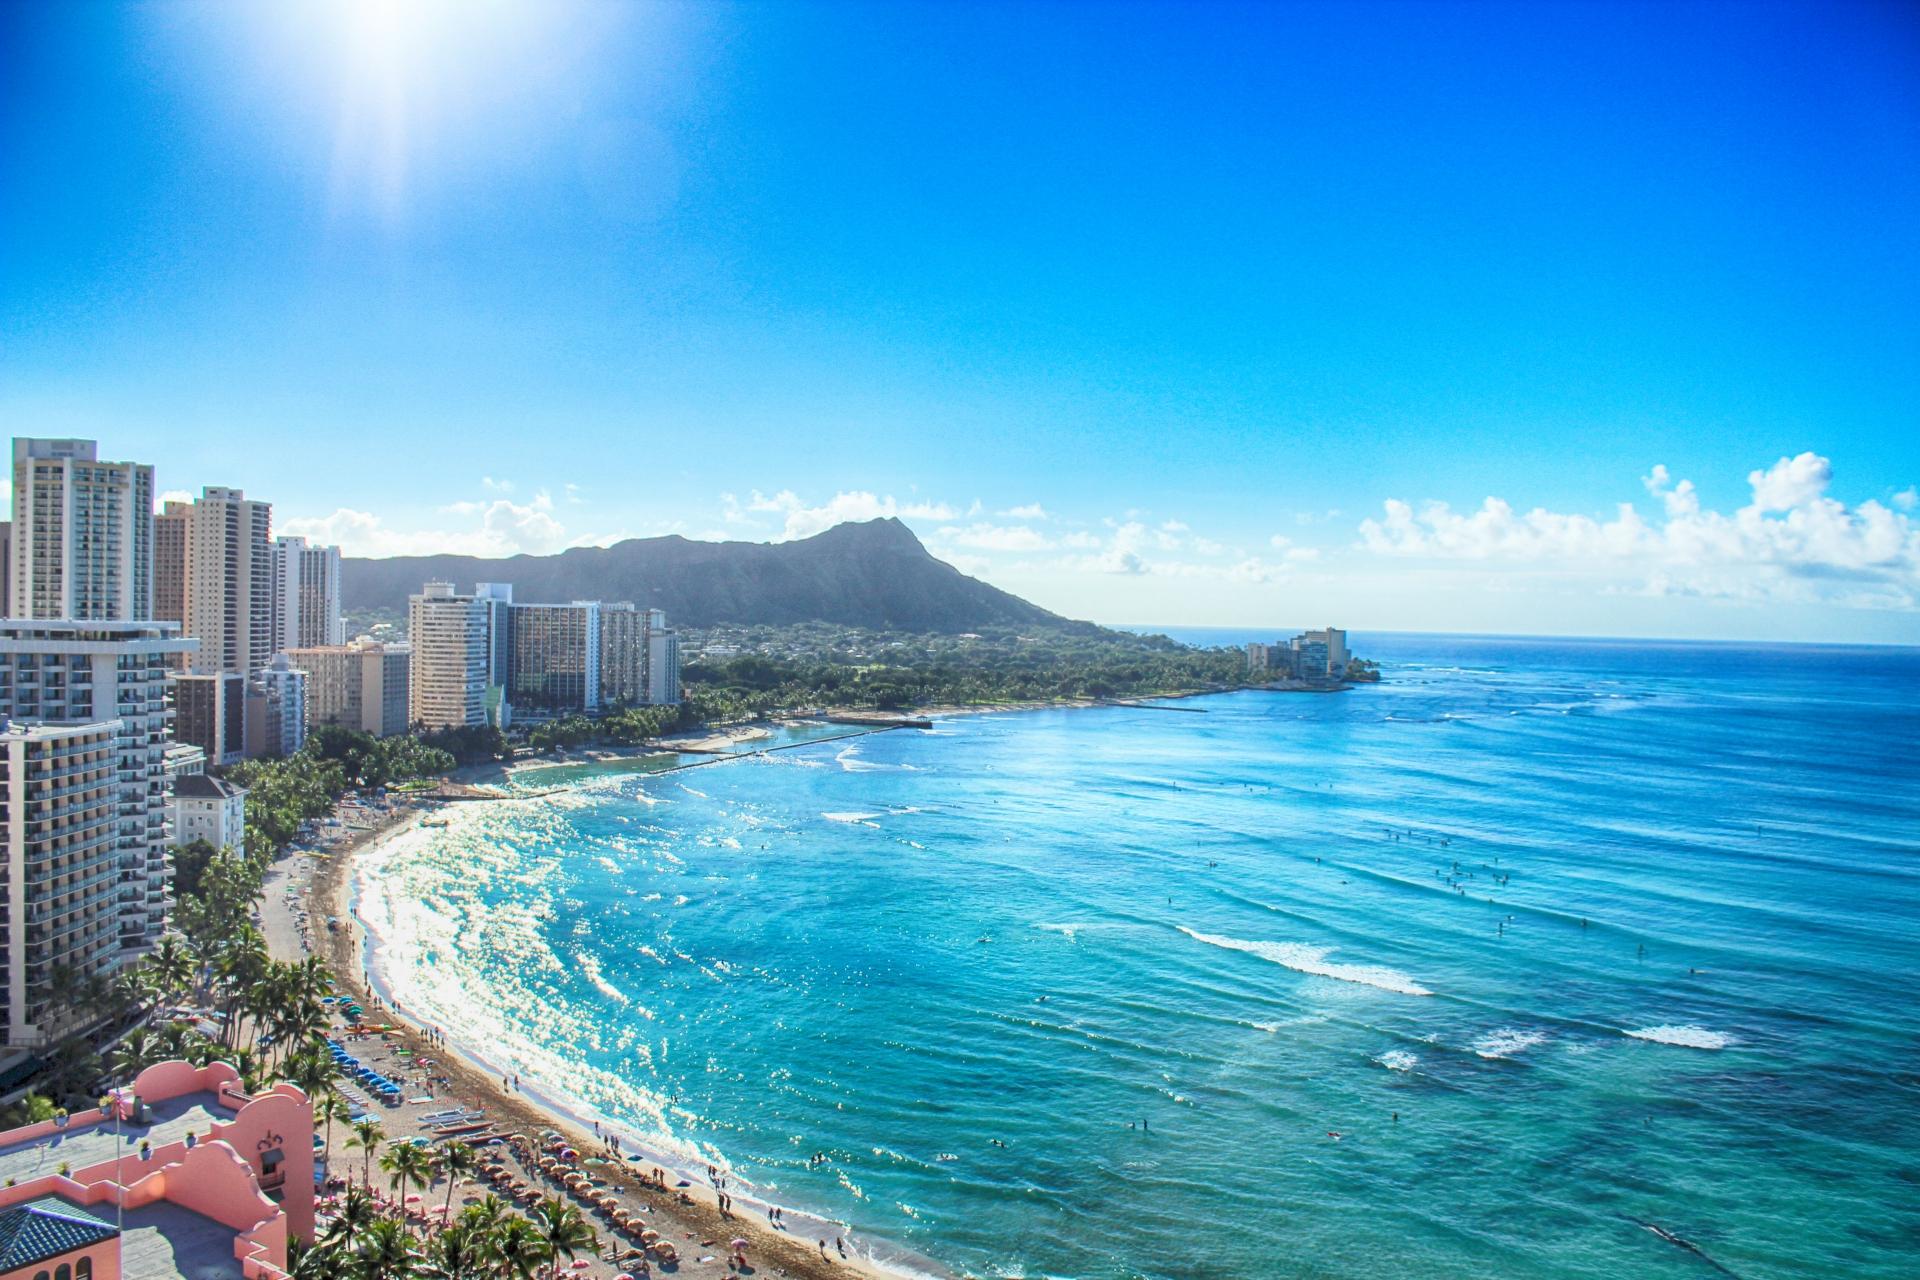 ハワイにトラベラーズチェックを...